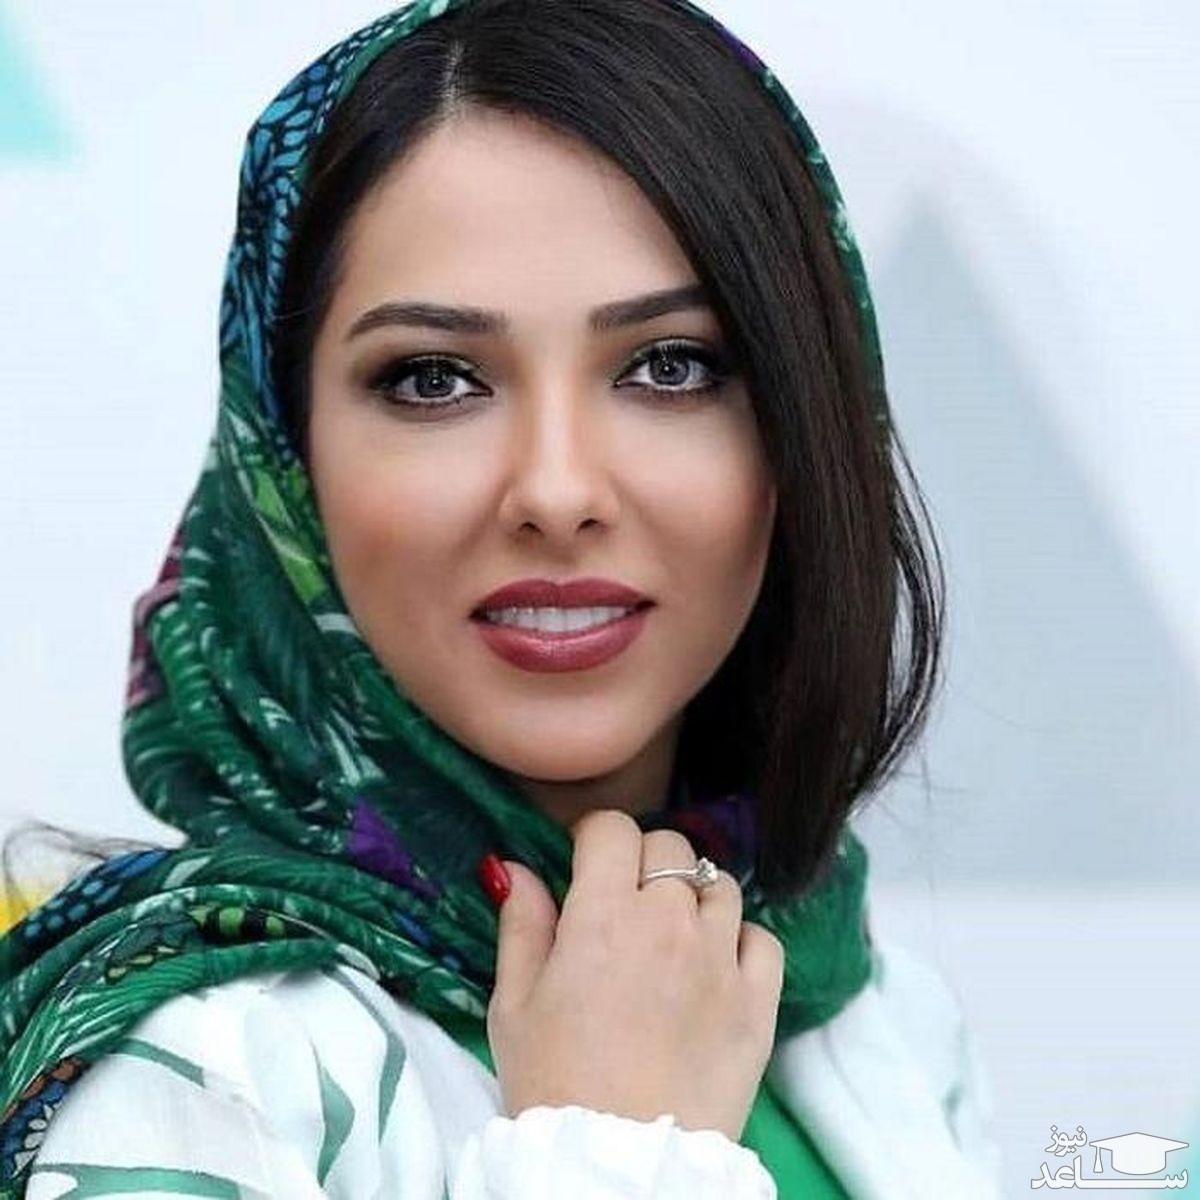 واکنش لیلا اوتادی درباره مهریه و طلاق